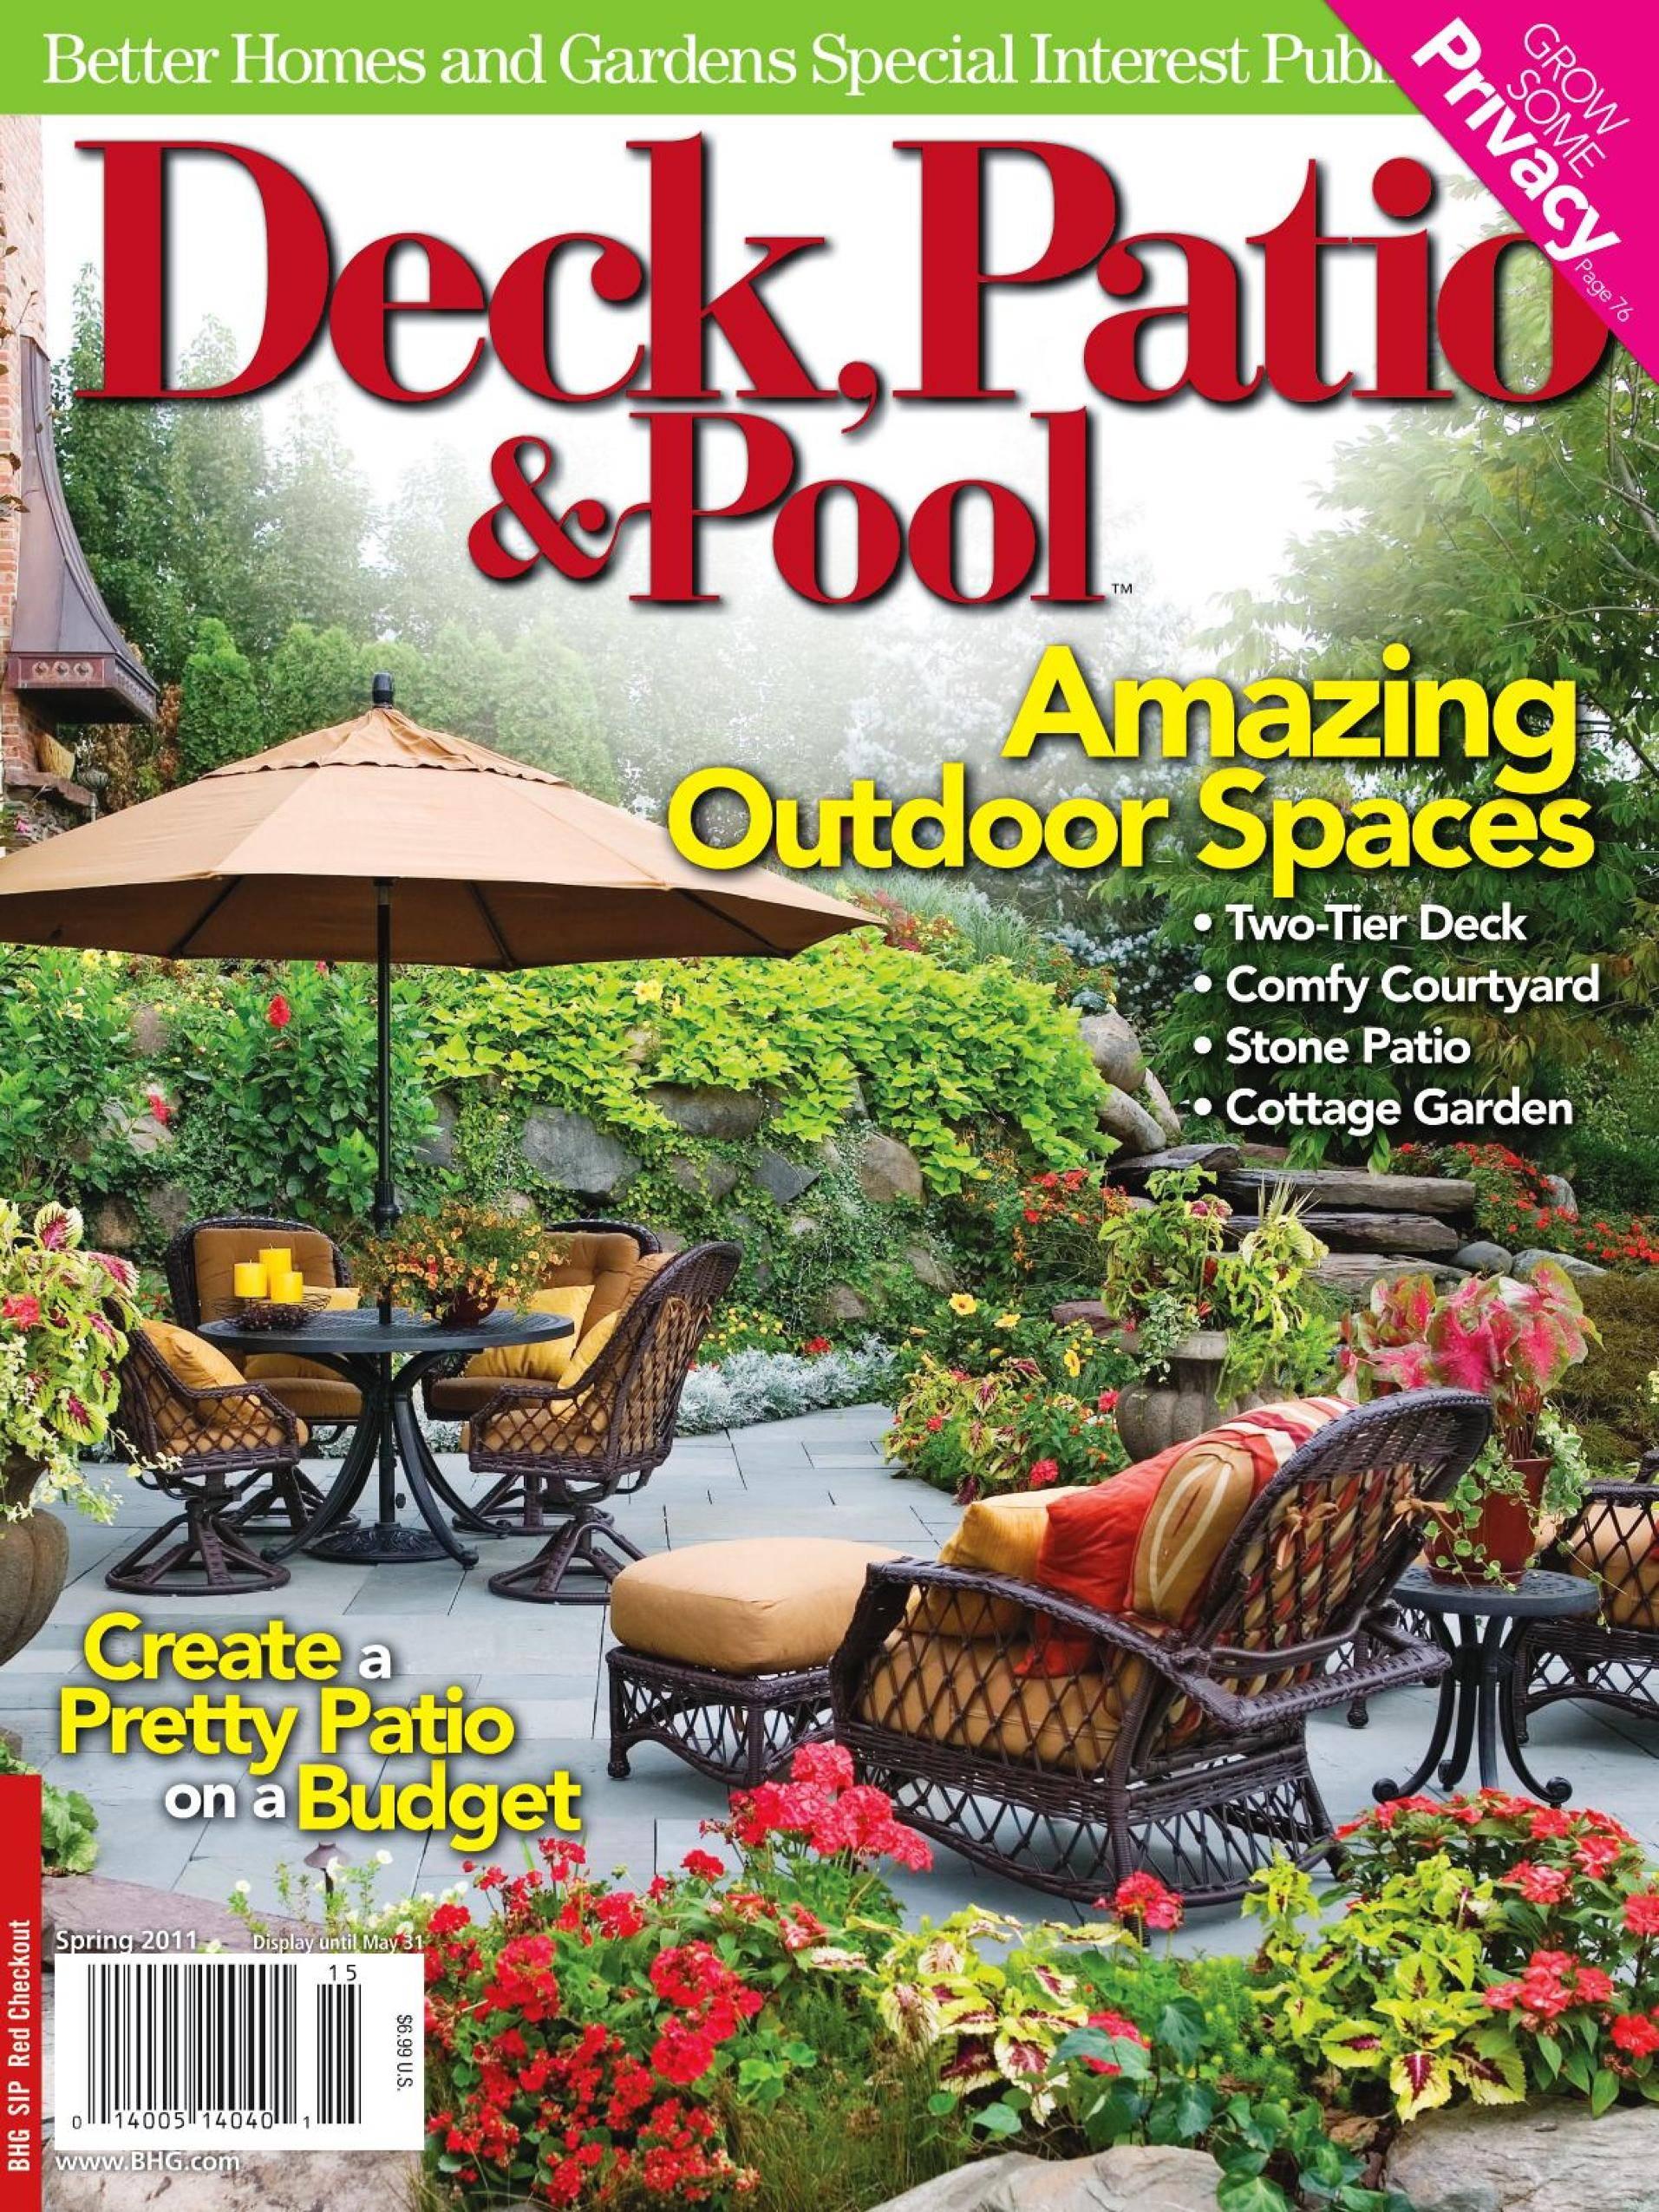 Deck, Patio & Outdoor Living - June 01, 2011